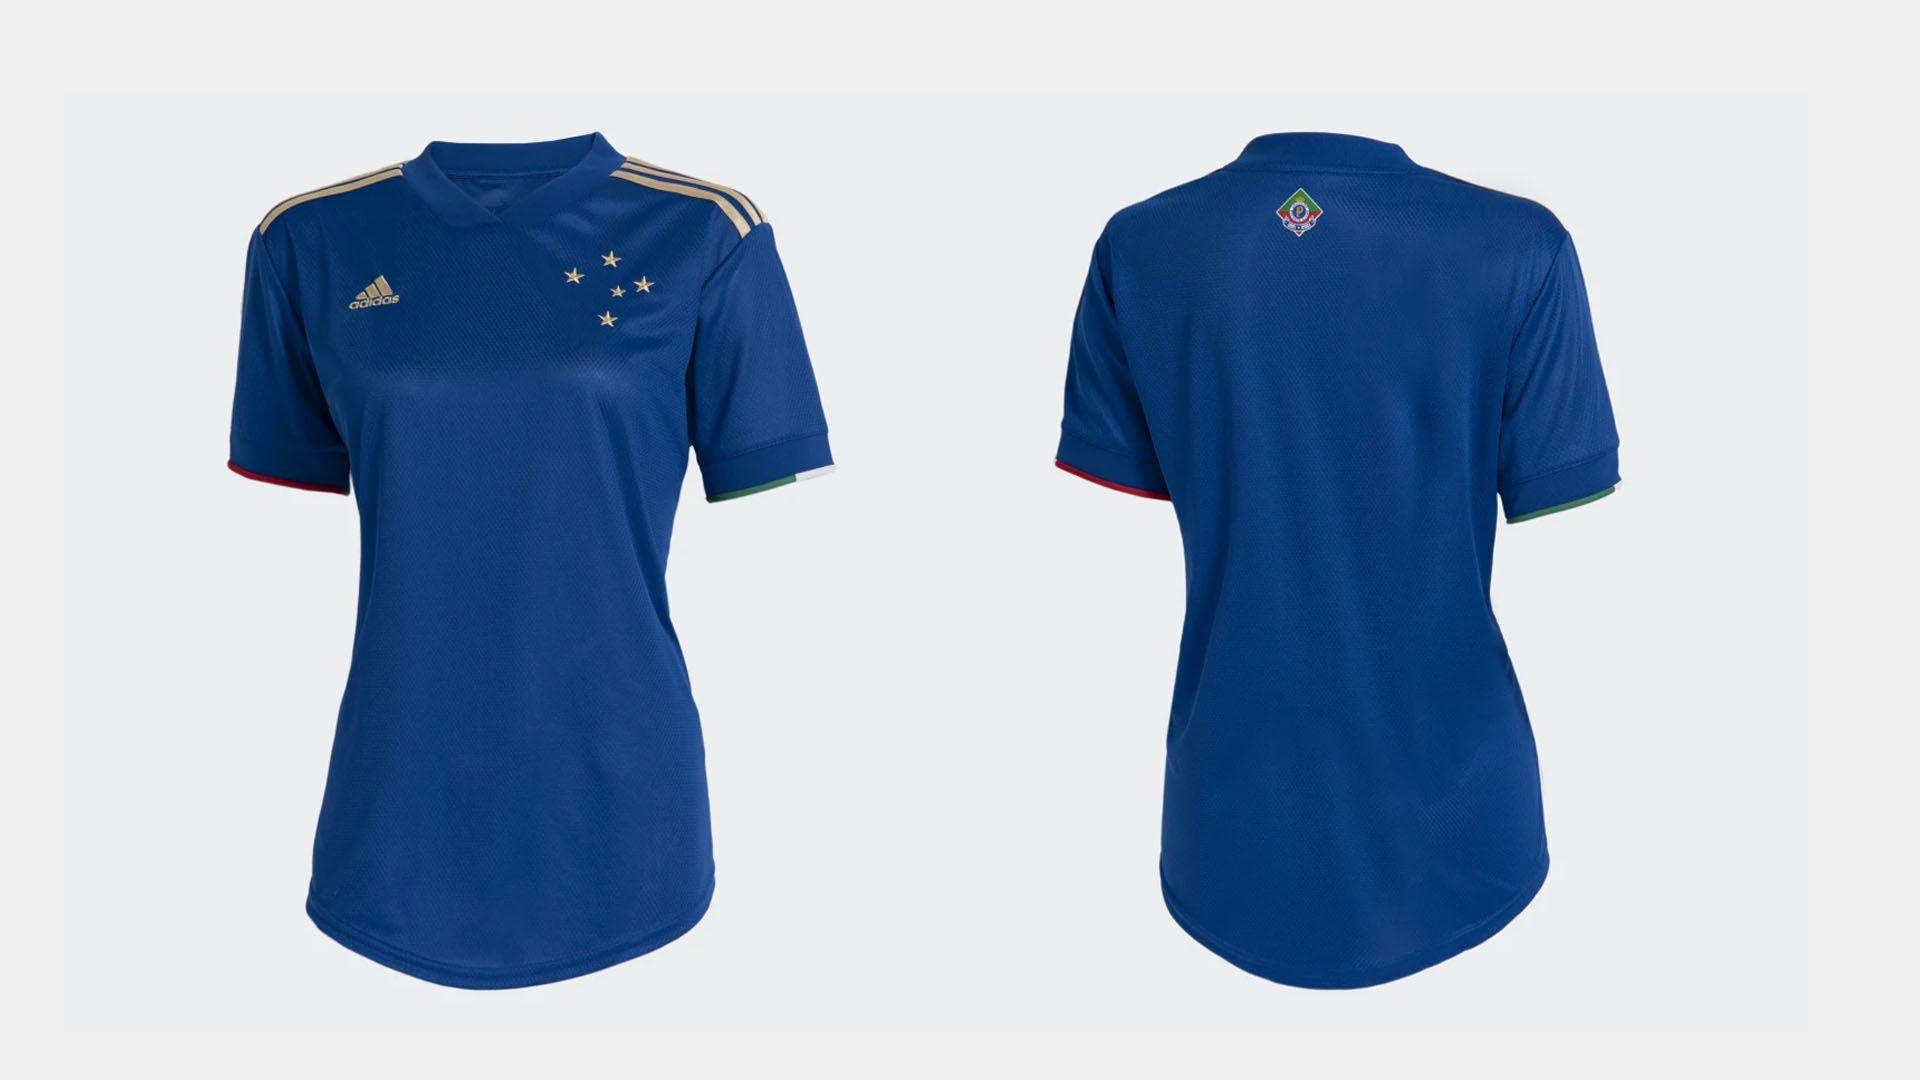 Camisa do Cruzeiro Feminina 2021 Adidas Jogo 1 (Imagem: Divulgação/Adidas)